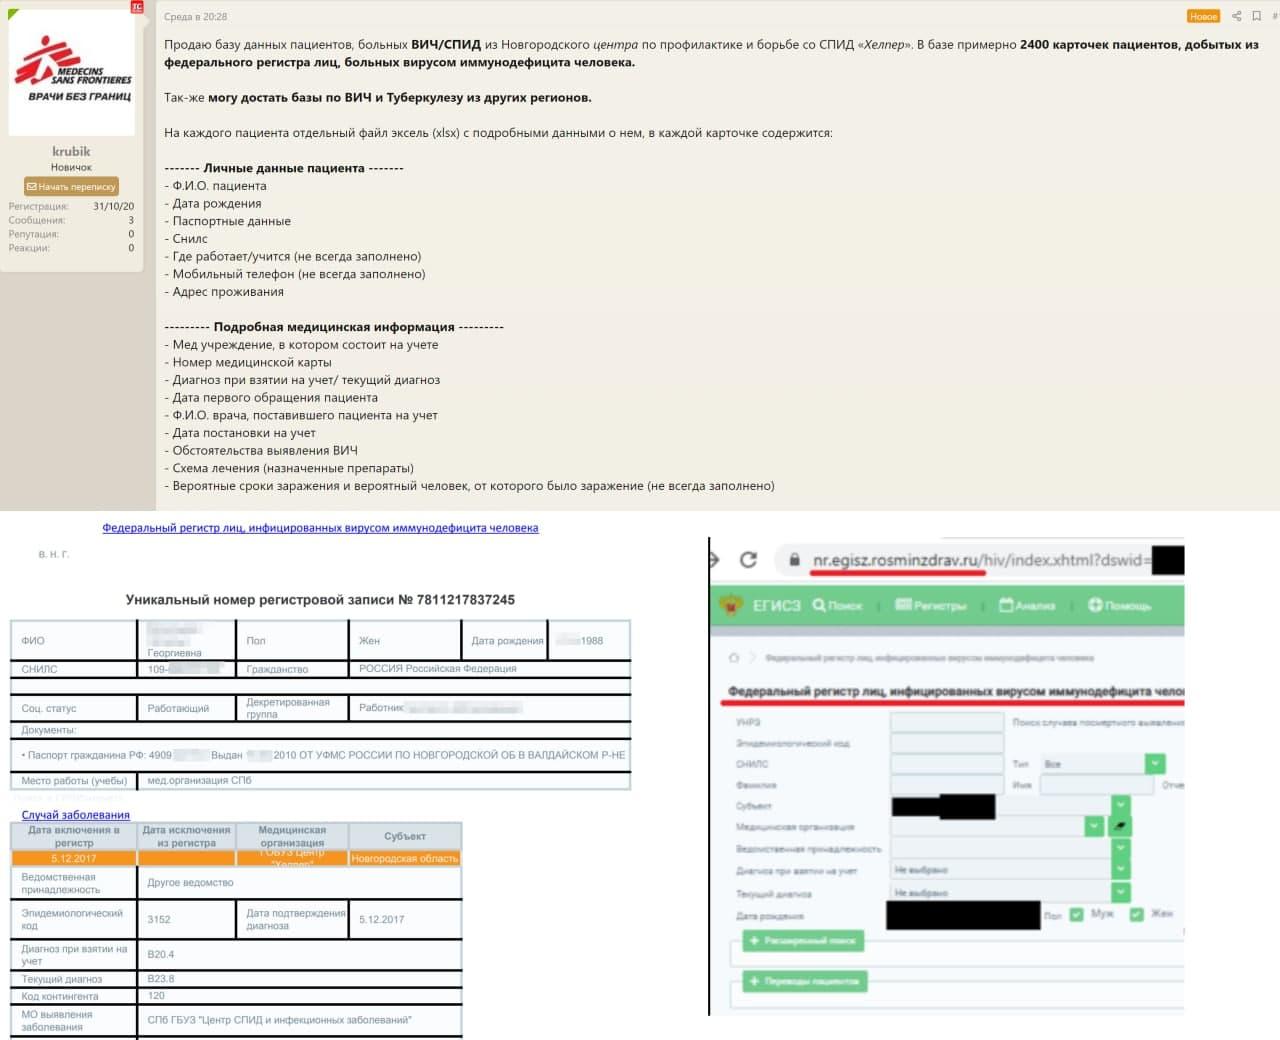 Хакер выставил на продажу данные пациентов Новгородской клиники